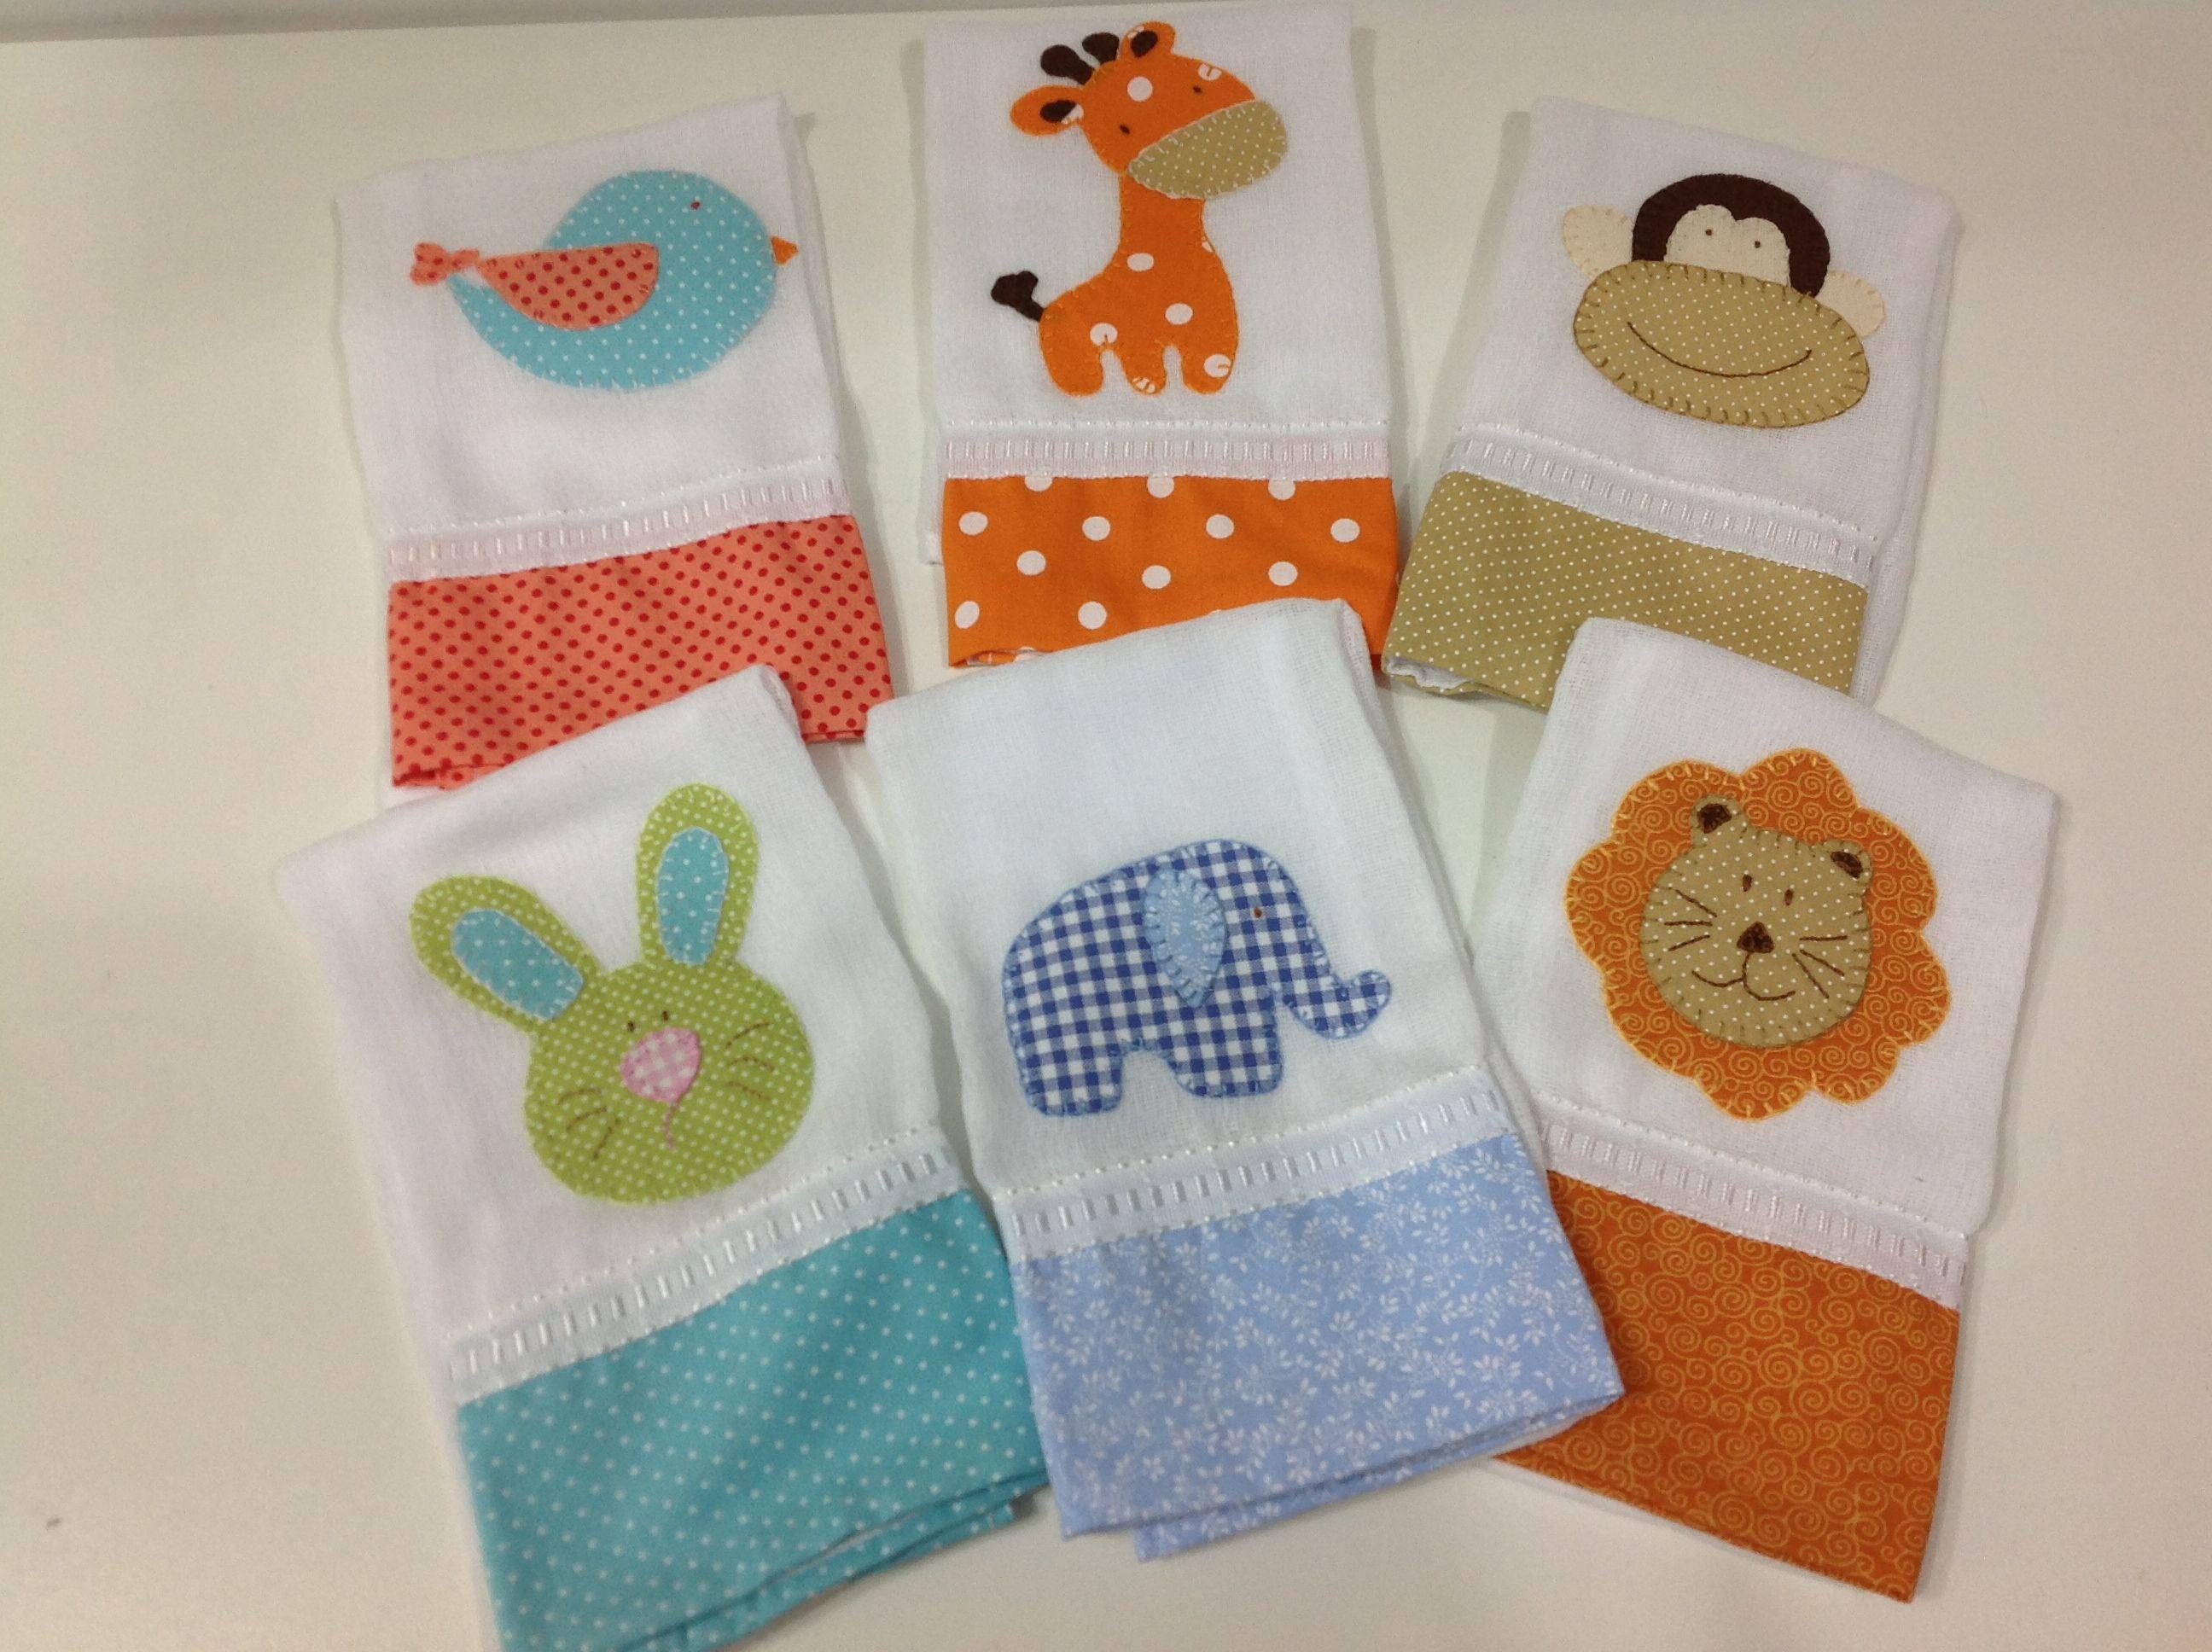 Fraldas de boca | Baby | Pinterest | Applikationen, Nähen und Ideen